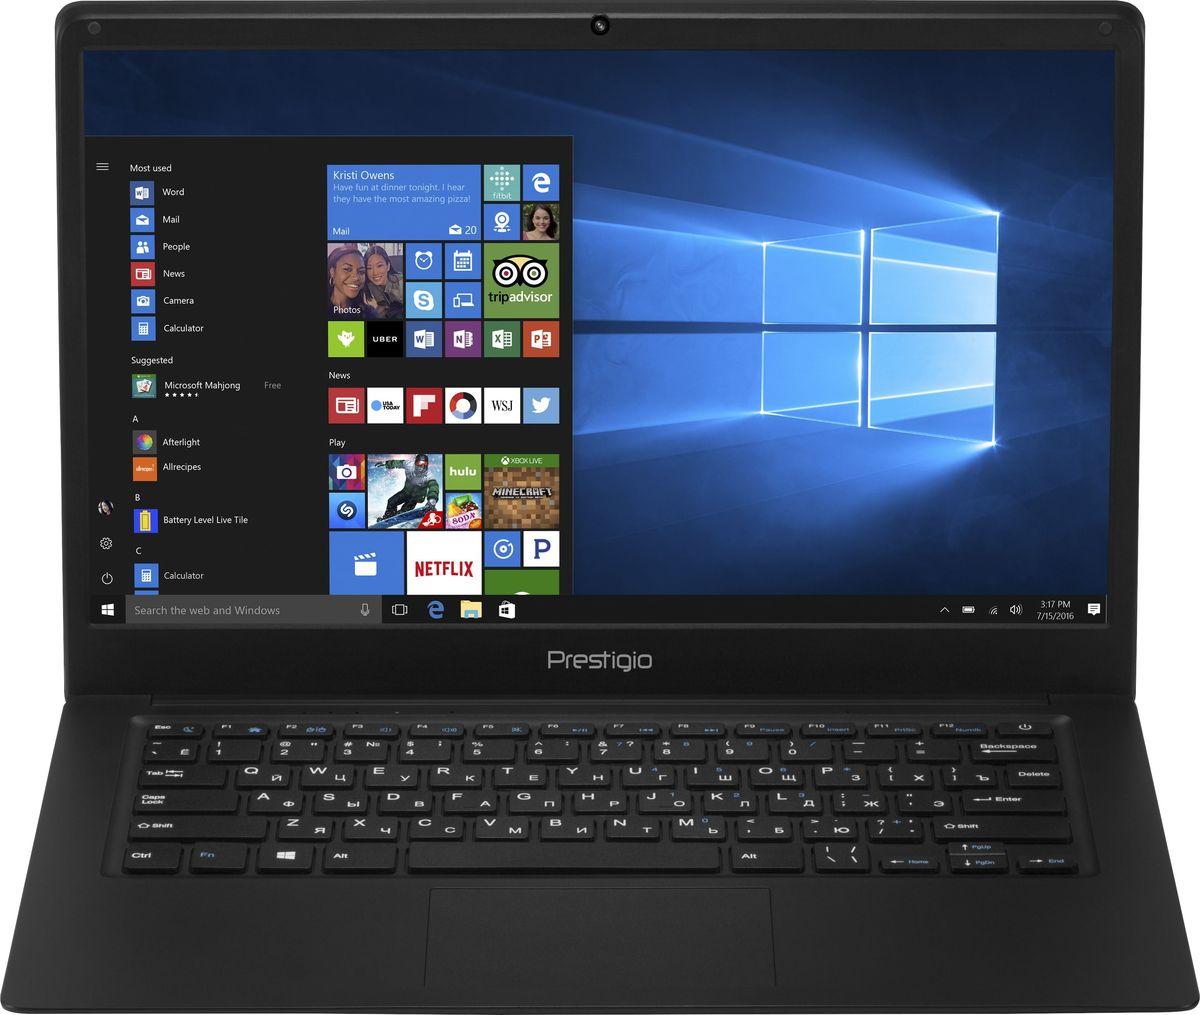 Prestigio Smartbook 141C, Black (PSB141C01BFP)8595248139480Prestigio Smartbook 141С - современный и удобный ноутбук с экраном 14.1, полной версией ОС Windows и универсальным набором портов, который с успехом может заменить ваш стационарный компьютер. Для этого у модели есть все преимущества - полноразмерная клавиатура, производительный процессор с эффективной поддержкой многозадачности и улучшенным режимом энергосбережения.4-ядерный процессор Intel Atom Z8350 (частота до 1,92 ГГц) позволяет ноутбуку выполнять разнообразные задачи без особых усилий. 2 ГБ оперативной памяти и 32 ГБ внутренней памяти помогают ноутбуку работать в режиме многозадачности. При необходимости объем внутреннего хранилища можно увеличить с помощью карты microSD до 128 ГБ. Эффективное управление потреблением энергии и ёмкость батареи 9000 мАч позволяют устройству проработать до 8 часов без подзарядки, чего вполне достаточно для целого рабочего дня.Яркий и контрастный 14.1-дюймовый экран с Full HD разрешением и IPS матрицей обеспечивают чёткое изображение и насыщенные цвета.Небольшая толщина Smartbook 141С (всего 2.3 см) и вес 1,45 кг позволяют его брать с собой и находиться на связи в любой точке мира - вы по достоинству оцените свободу перемещений.С Windows 10 Pro, установленной на Smartbook 141C, вы сможете наслаждаться всеми преимуществами современной операционной системы. Интуитивно понятный интерфейс поможет быстрее и эффективнее справляться с задачами, улучшенная производительность позволит вам почувствовать новый уровень мощности, а благодаря дополнительным сервисам и приложениям каждая секунда с новым устройством будет полна комфорта и восхищения.Smartbook 141С не нуждается в переходниках: универсальный набор портов позволяет организовать мобильный офис в считанные минуты. С помощью порта mini HDMI, полноразмерного USB 3.0 и USB 2.0 вы без проблем подключите большой экран, мышь, принтер или сканер.Точные характеристики зависят от модификации.Ноутбук сертифицирован EAC и имеет русифициро